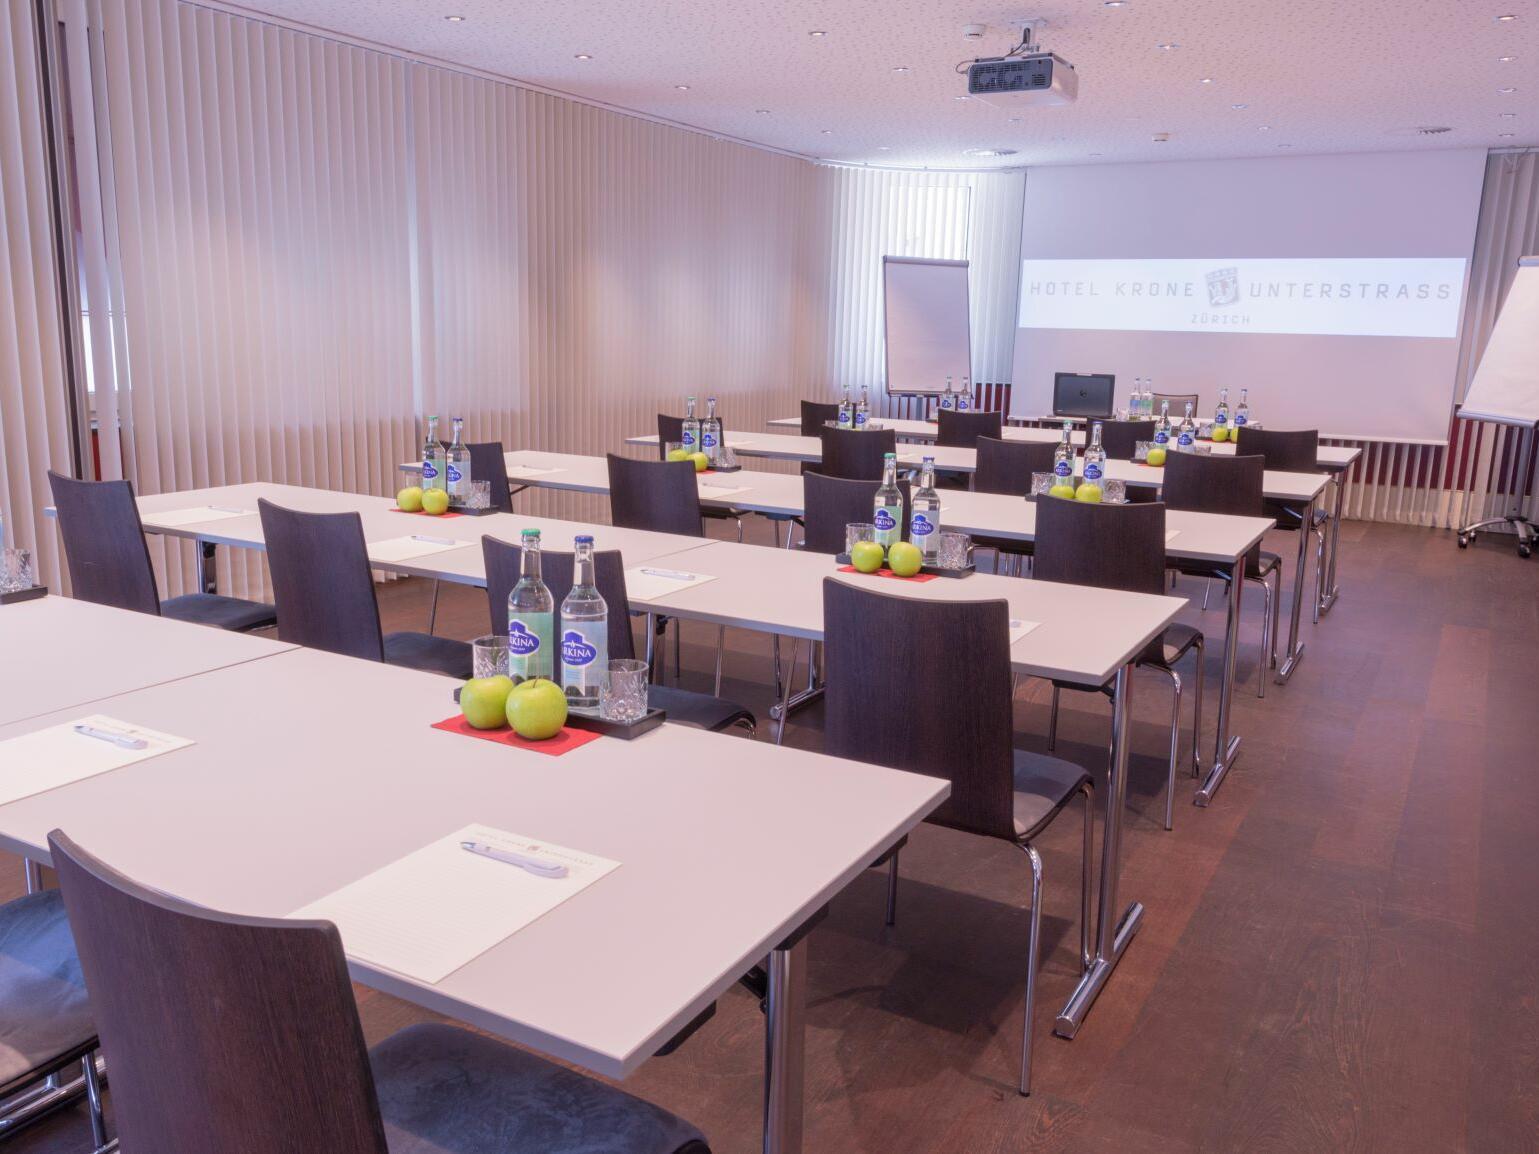 Seminars & Meetings at Hotel Krone Unterstrass in Zurich